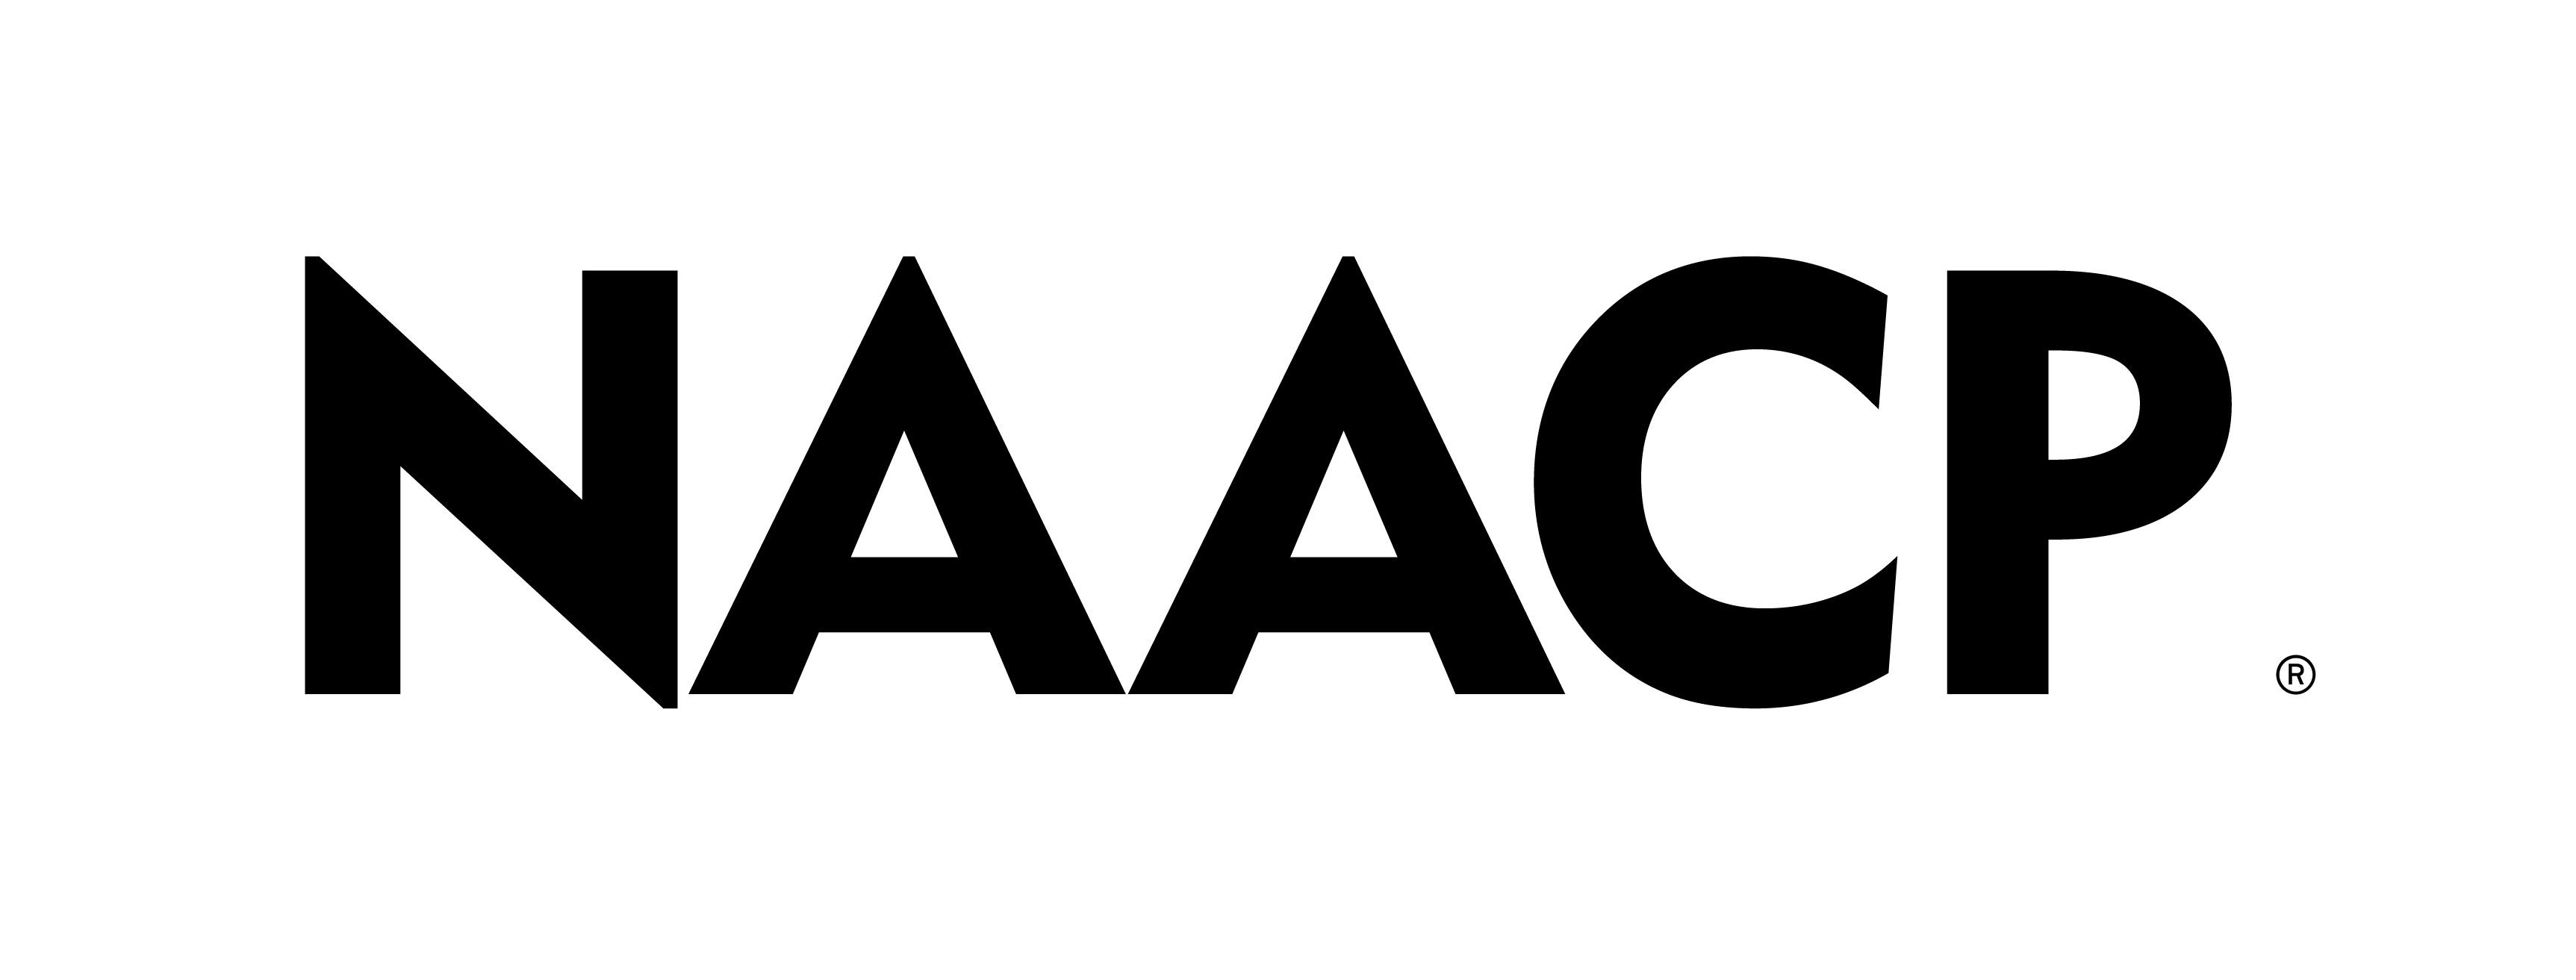 Forward - NAACP Theme